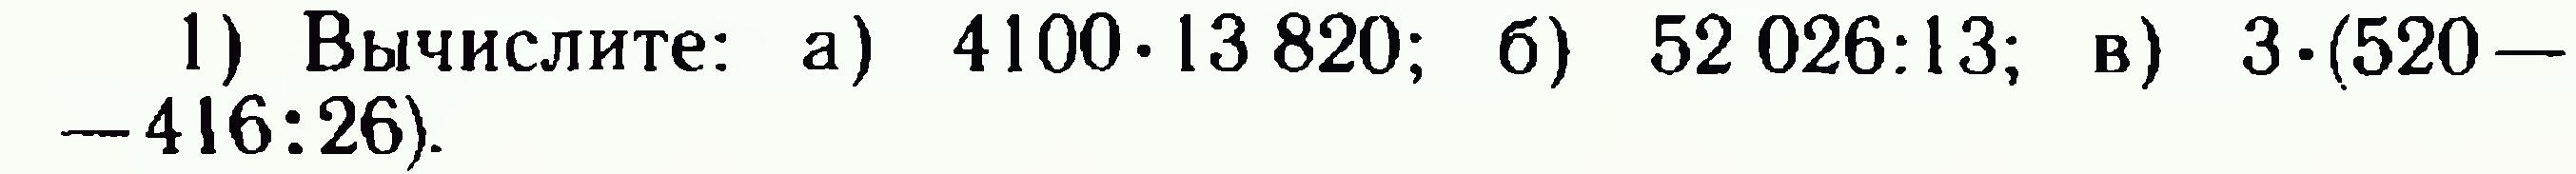 hello_html_m42e44a56.png